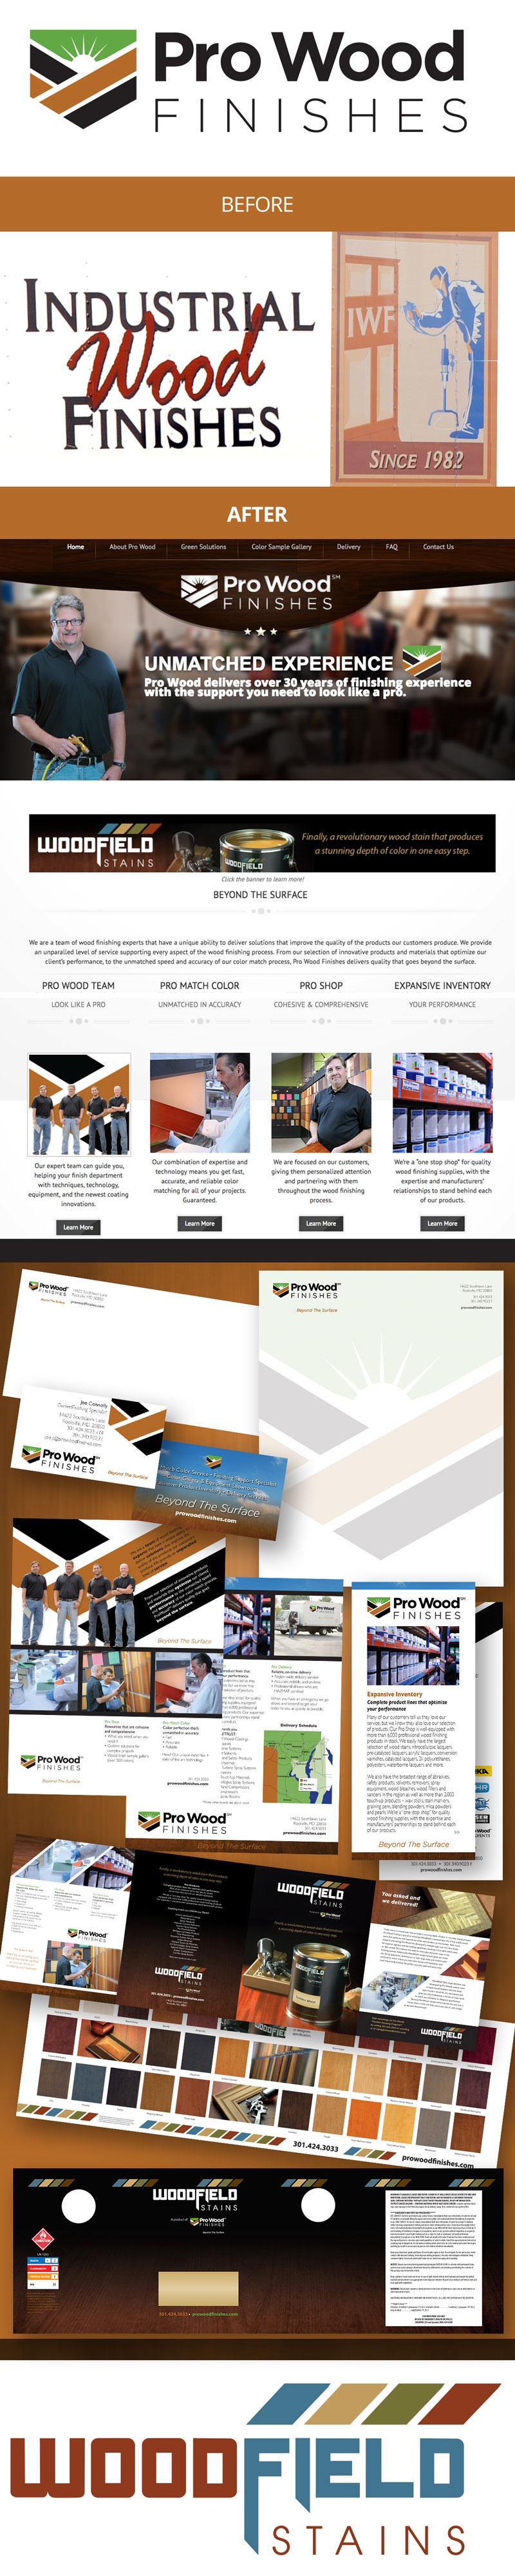 pro-wood-finishes-portfolio